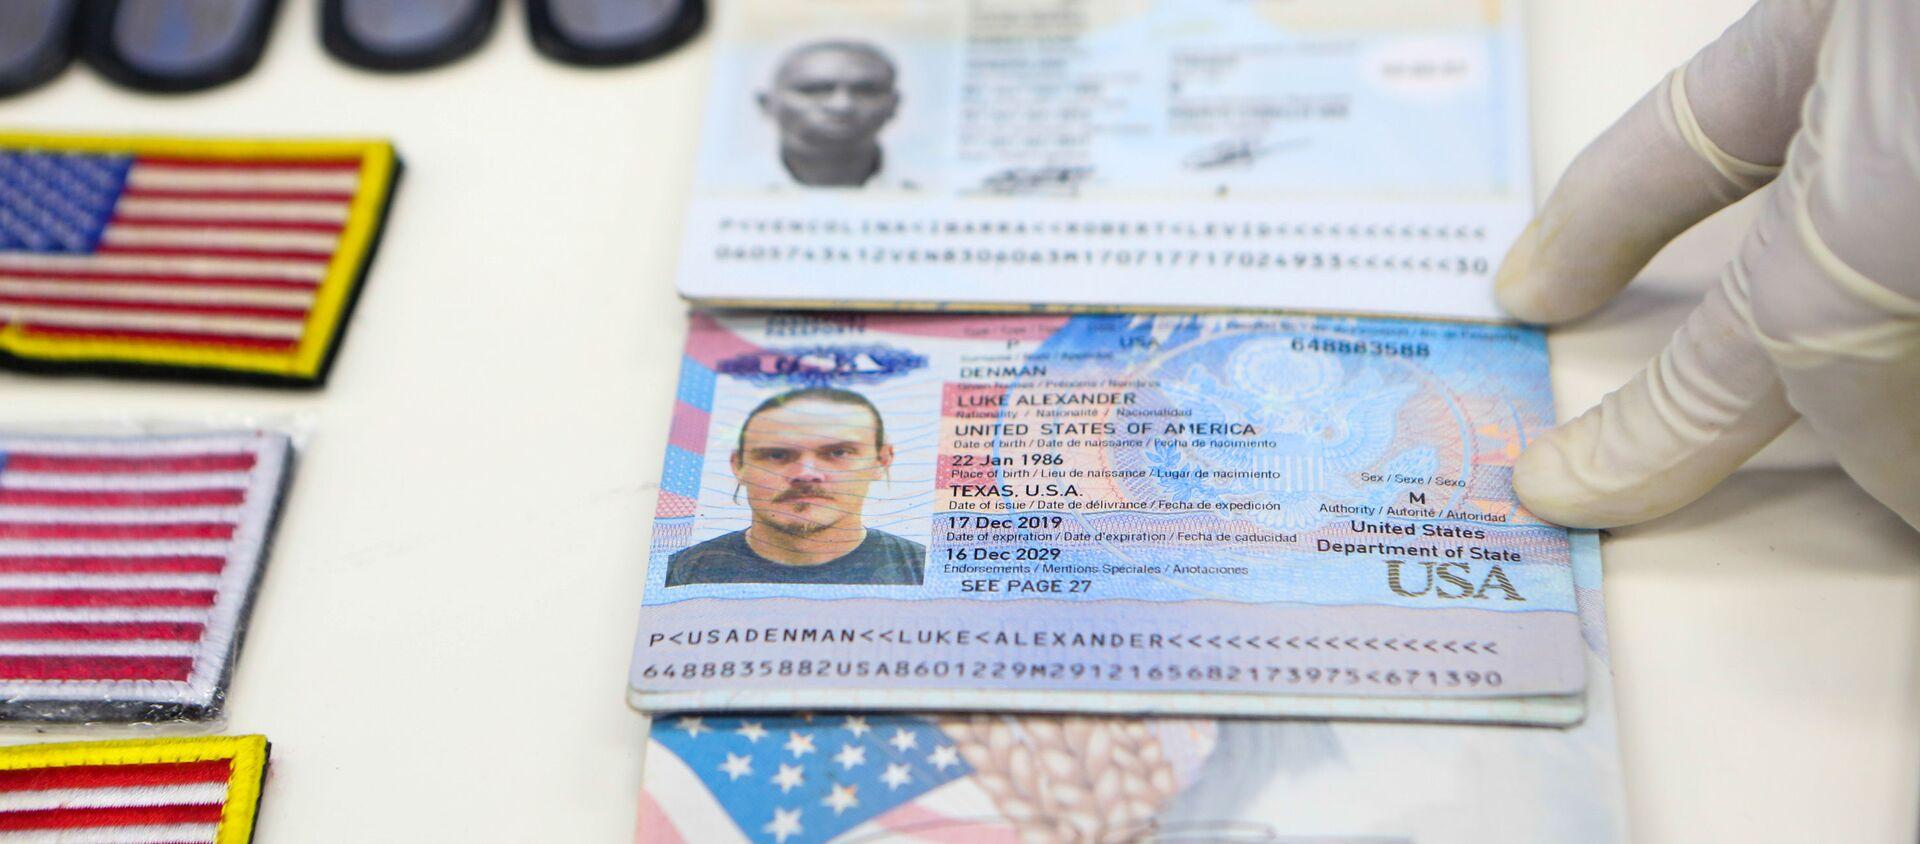 Documentos de identidad de los mercenarios detenidos en Venezuela - Sputnik Mundo, 1920, 05.05.2020